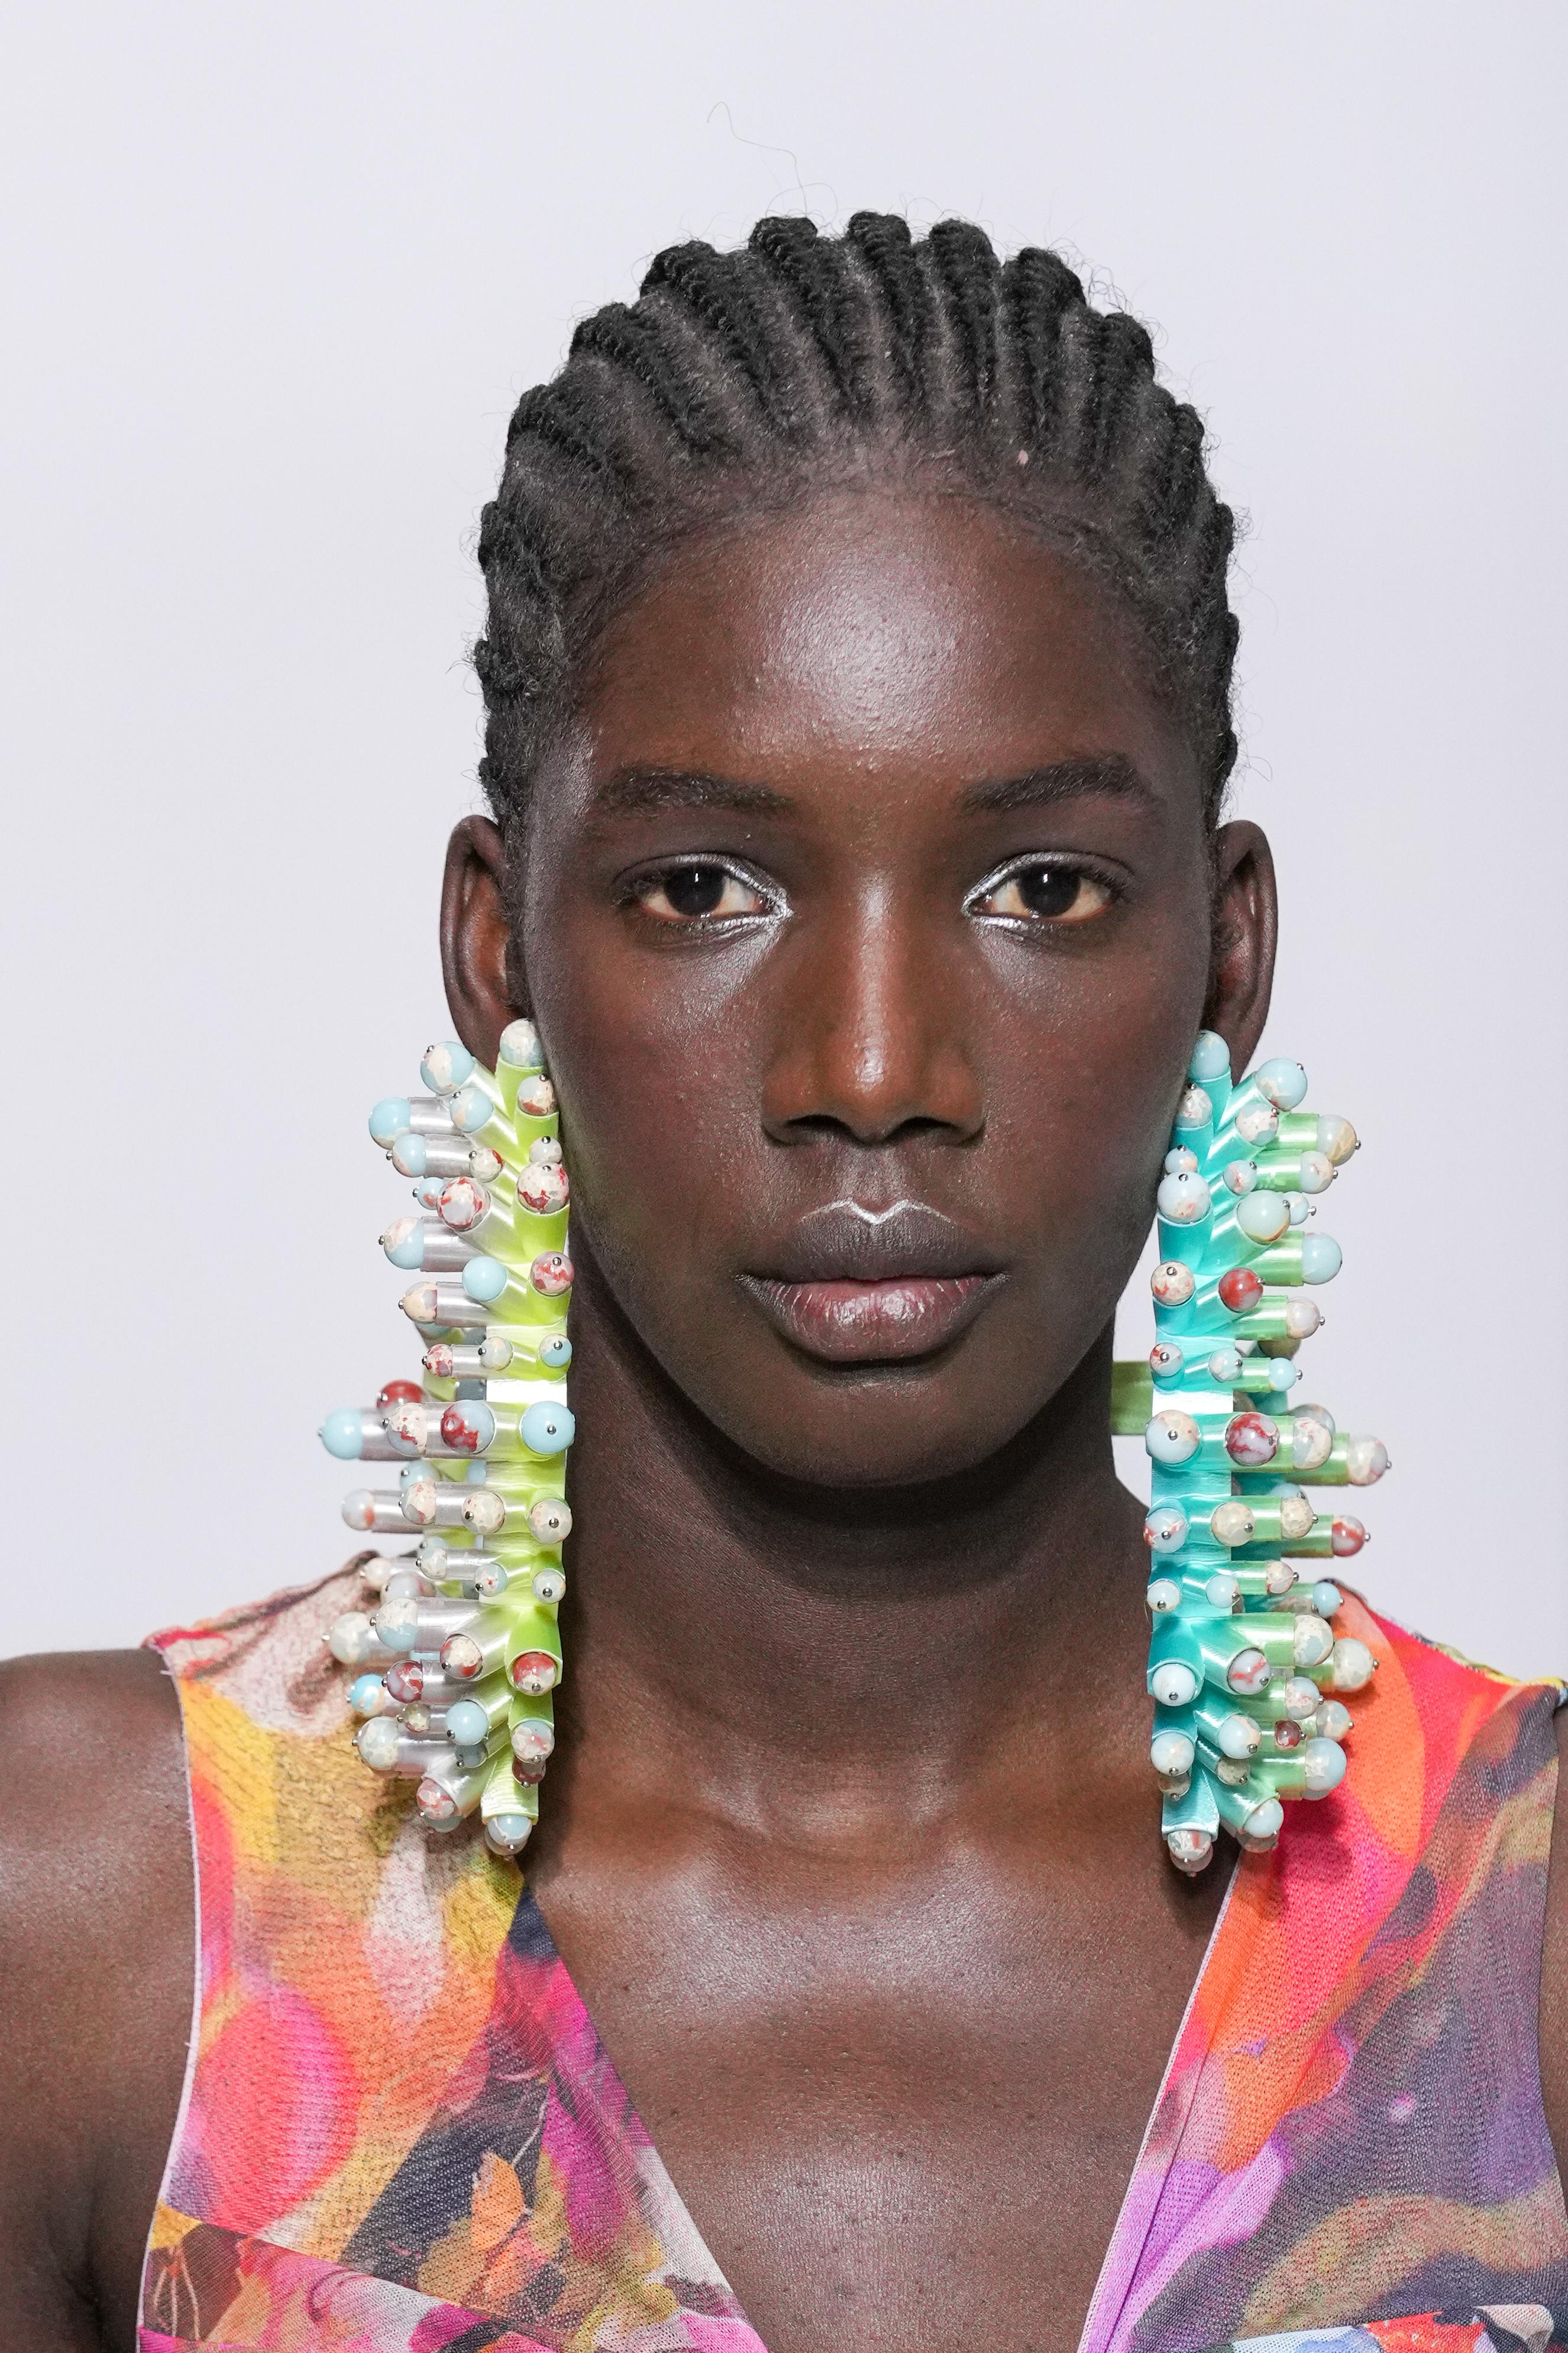 Rosto de modelo com brincos compridos e diferentões no desfile de primavera-verão da Maitrepierre na semana de moda de Paris